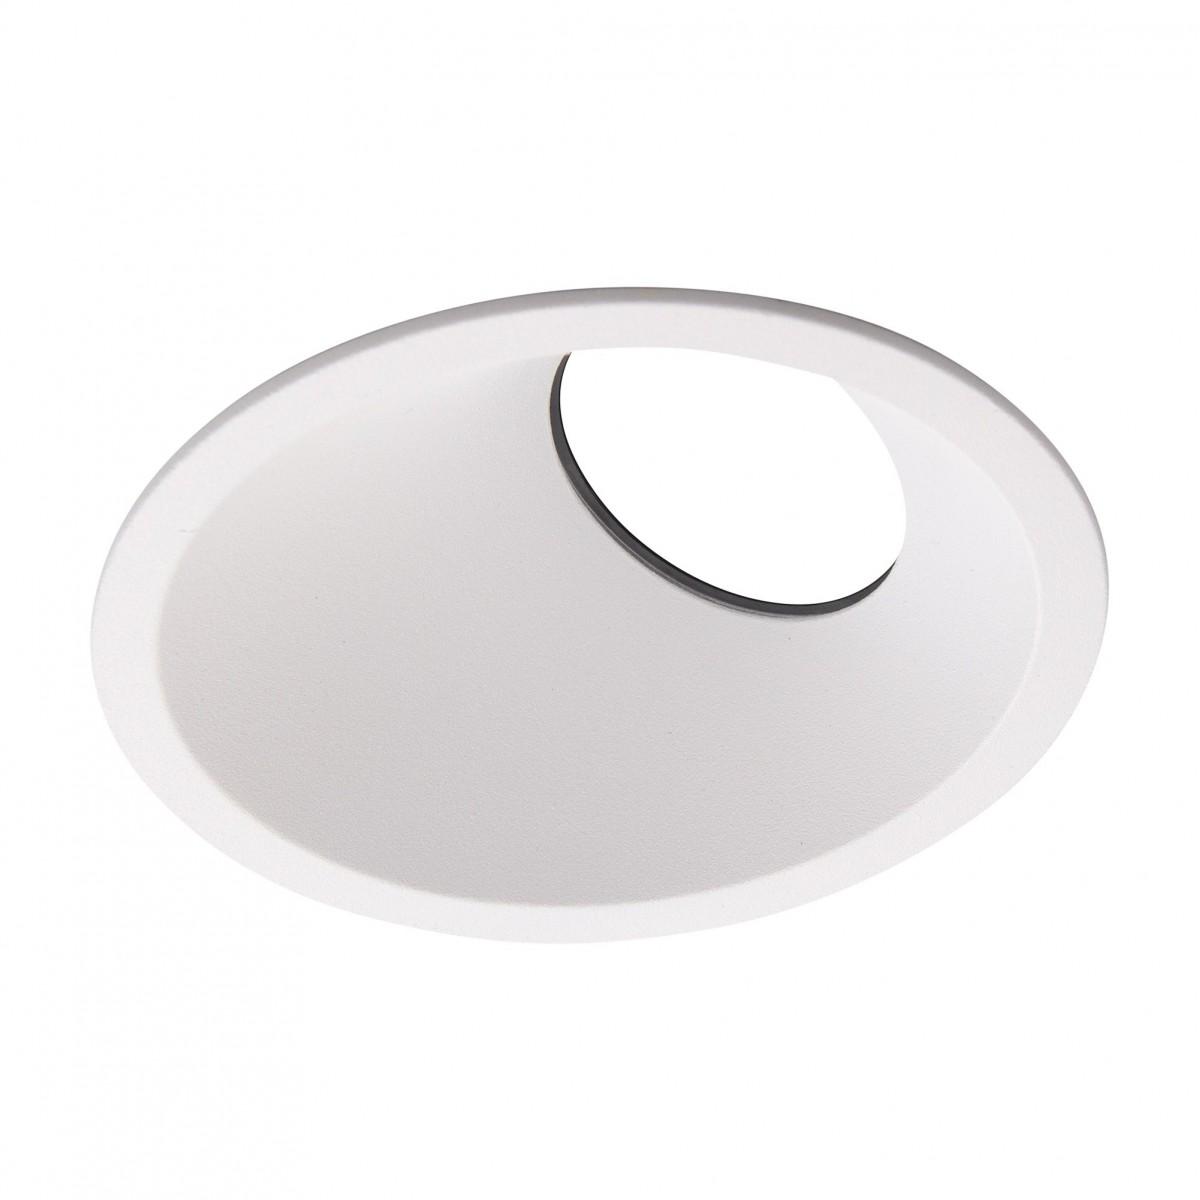 MAXlight Oprawa Wpustowa Bellatrix Side Biała H0115 - Bez Modułu LED (zamawiany osobno)